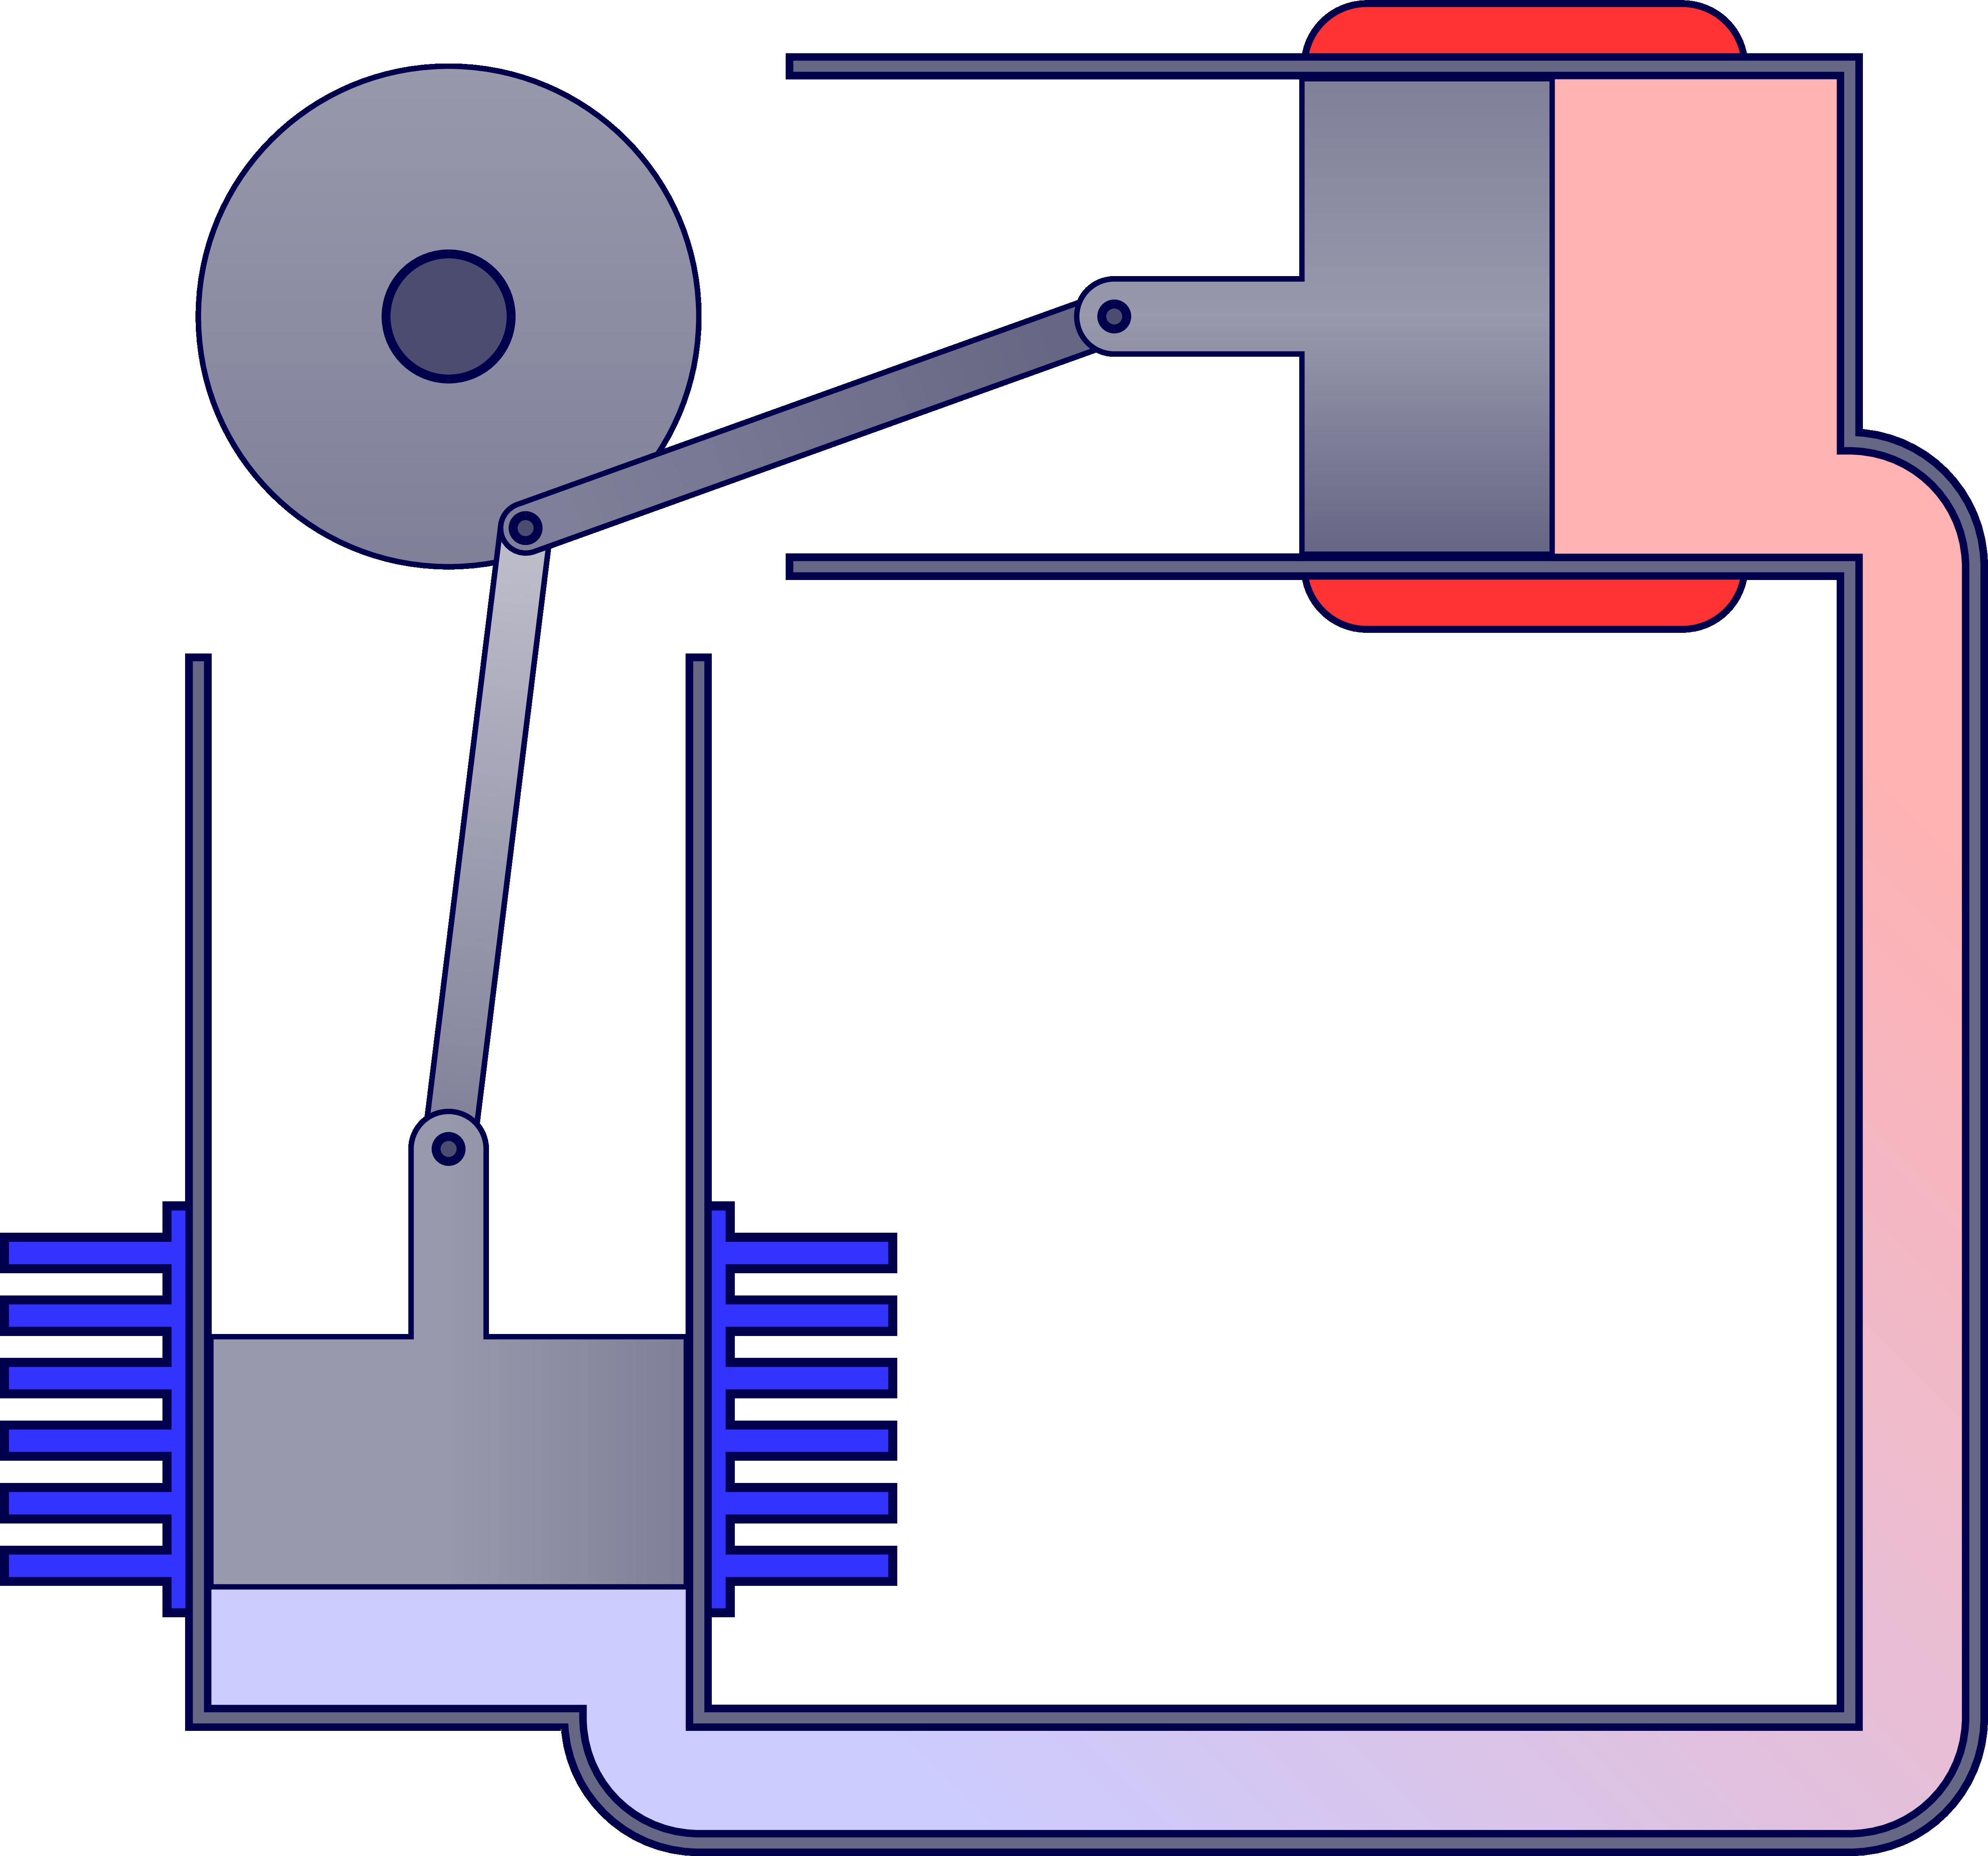 engine_stirling_alpha-003.png